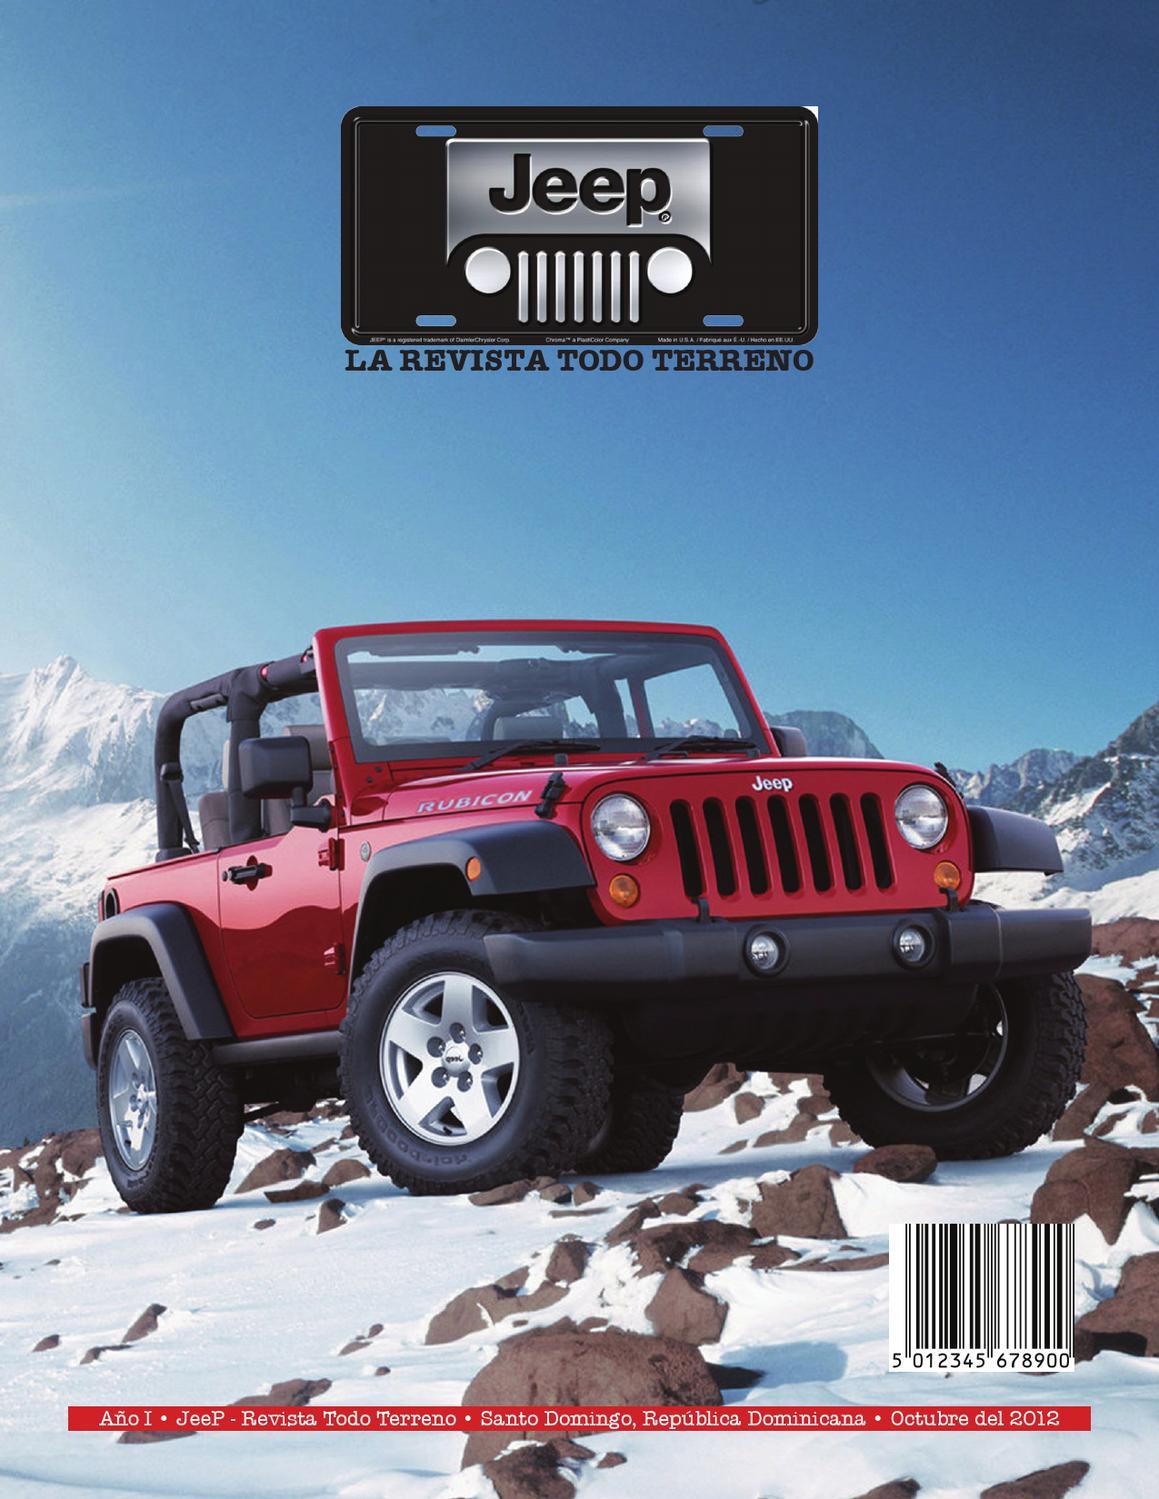 jeep la revista todo terreno by carlos ferreiras issuu. Black Bedroom Furniture Sets. Home Design Ideas